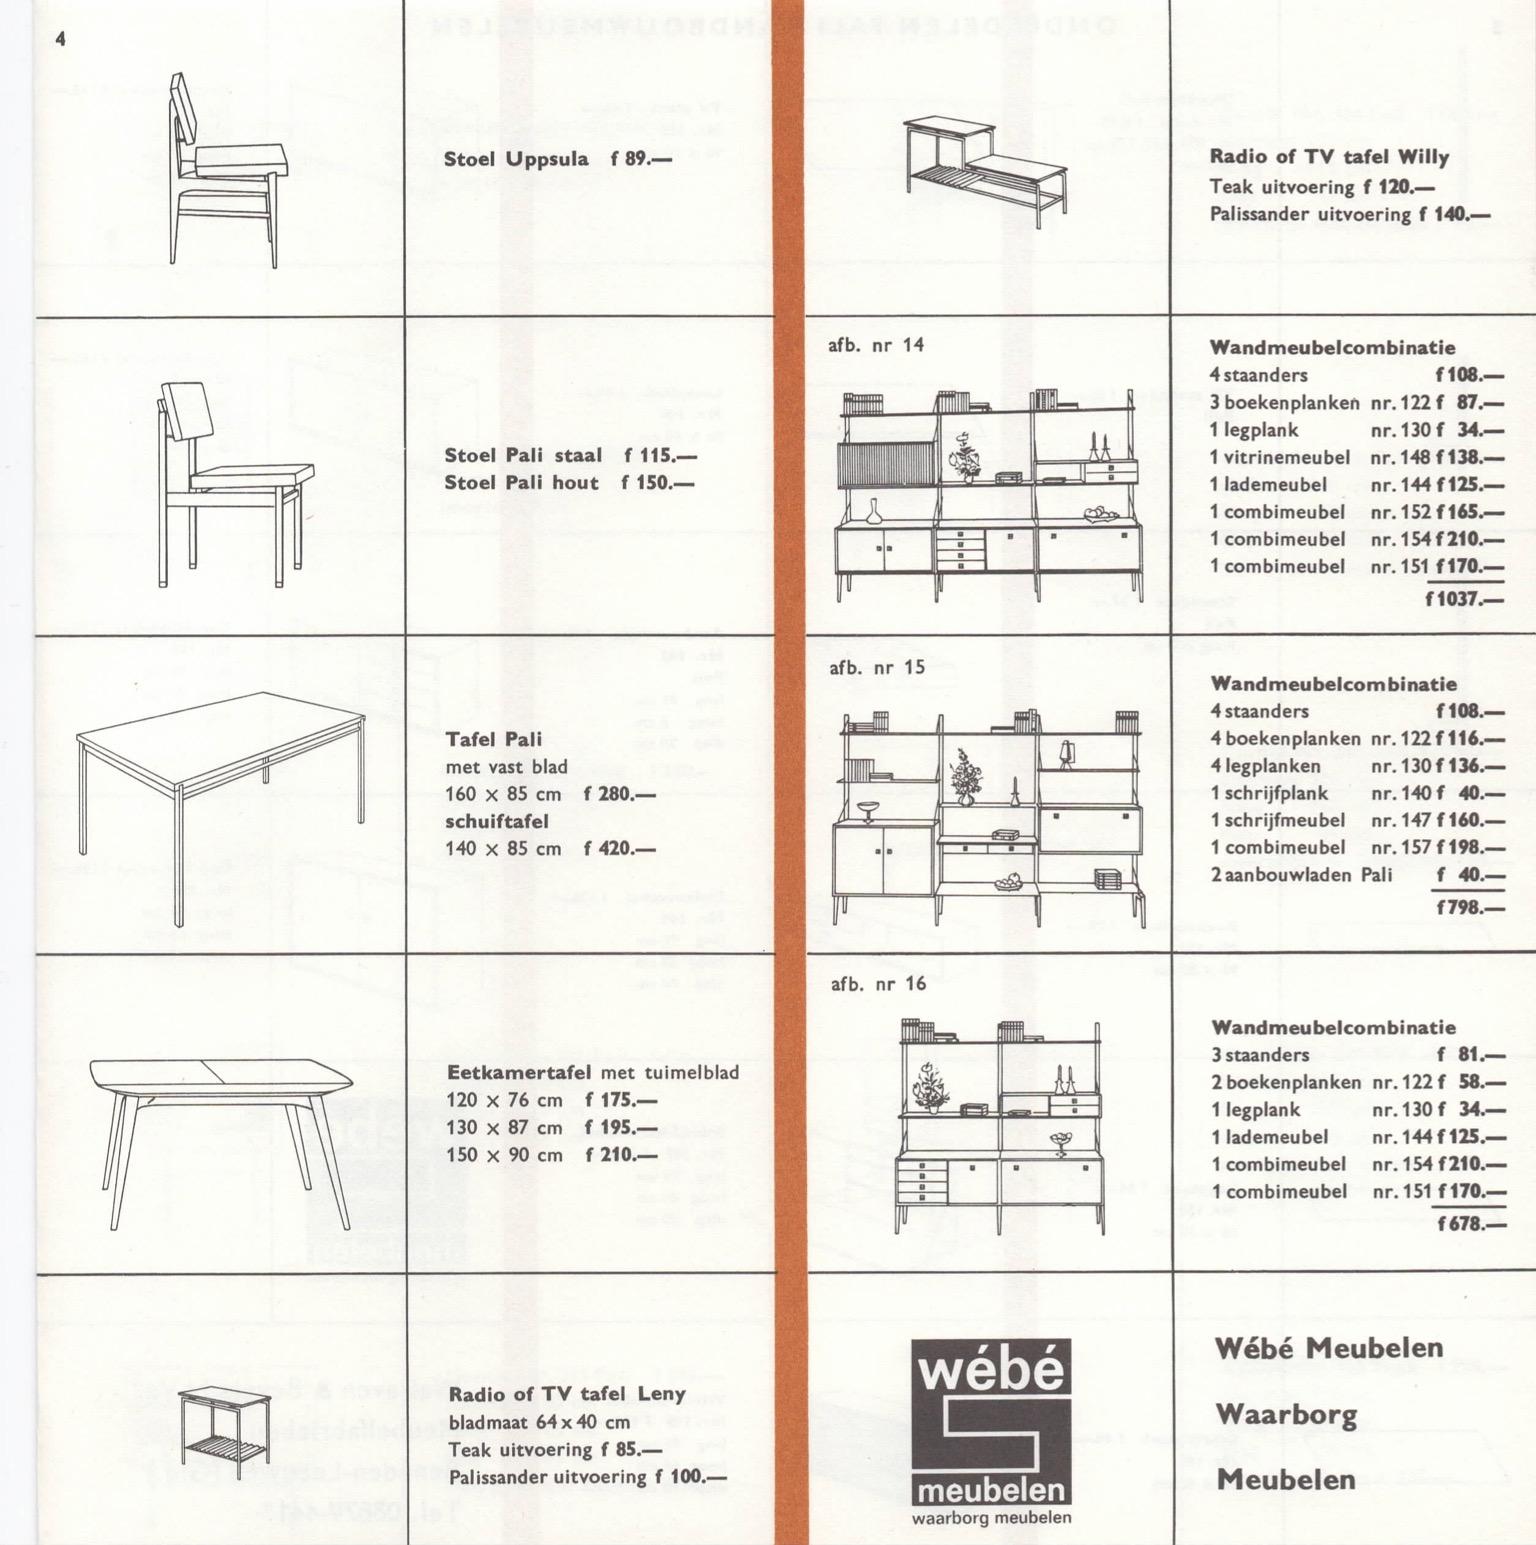 Teak Eetkamer Tafel.Vintage Pali Dining Chairs By Louis Van Teeffelen For Webe 1960s